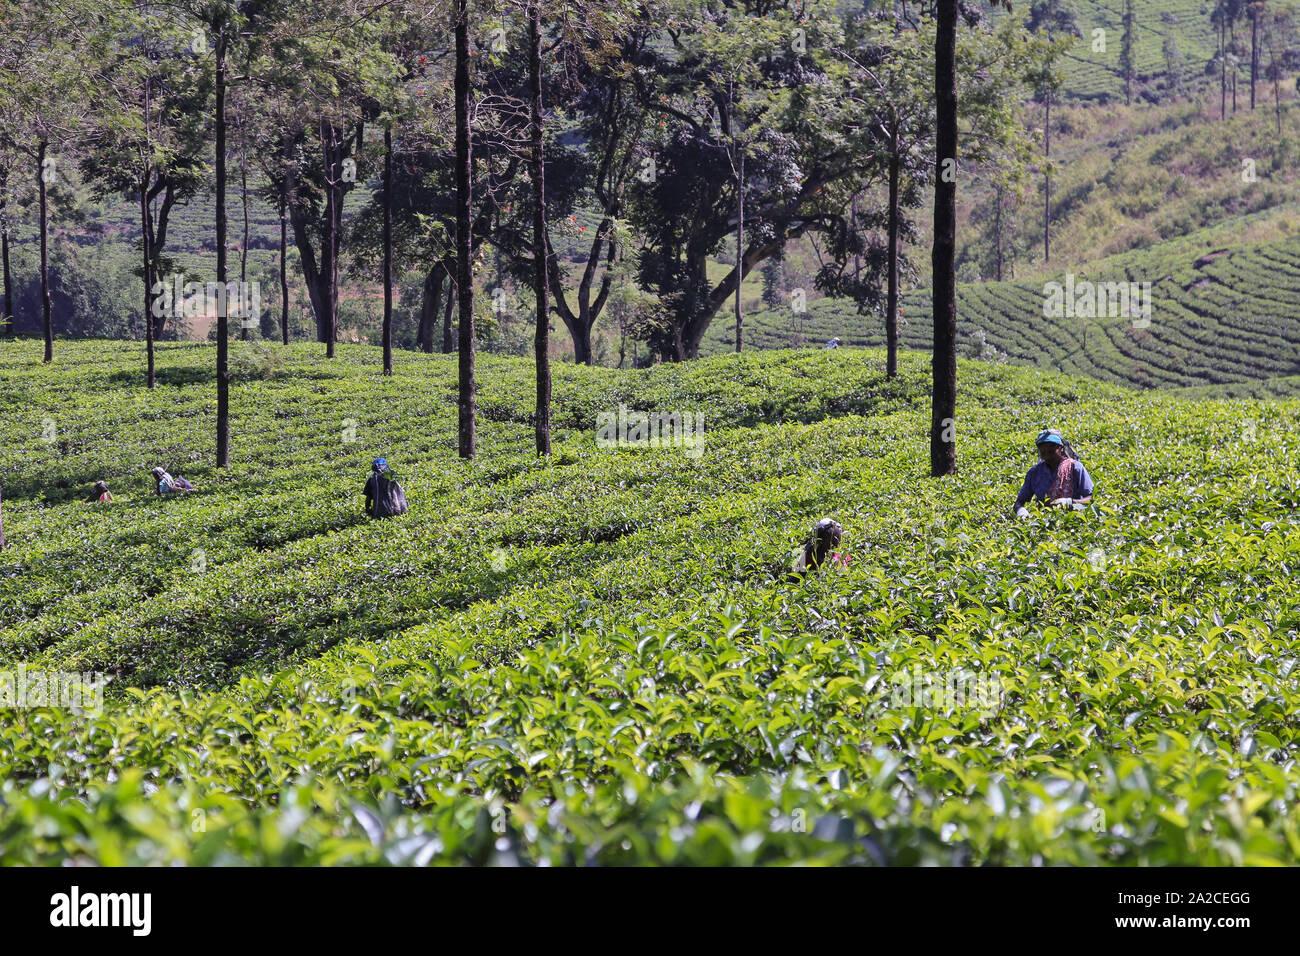 NUWARA ELIYA, SRI LANKA -04 JANUARY 2012: Tamil smiling woman from Sri Lanka breaks tea leaves on tea plantation with the traditional tea plucking met Stock Photo